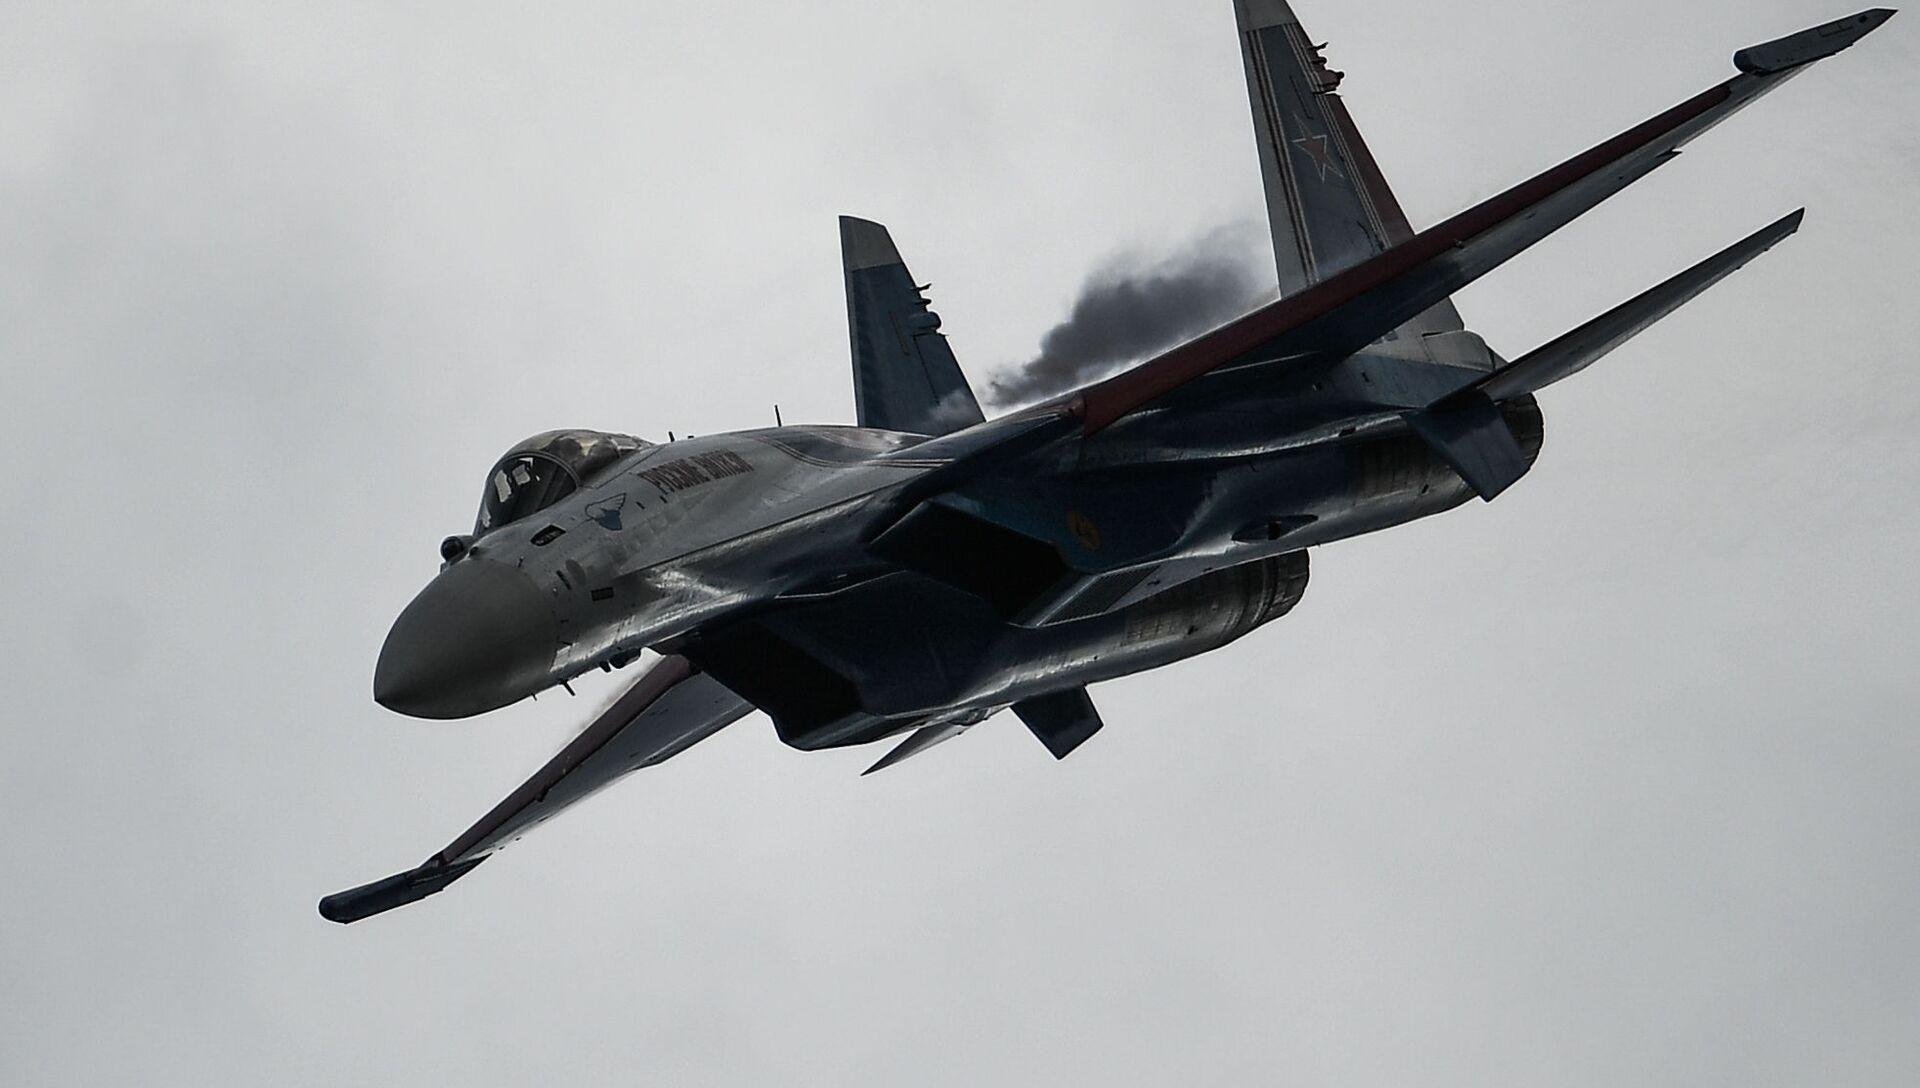 Истребитель Су-35С. Архивное фото - РИА Новости, 1920, 31.07.2021